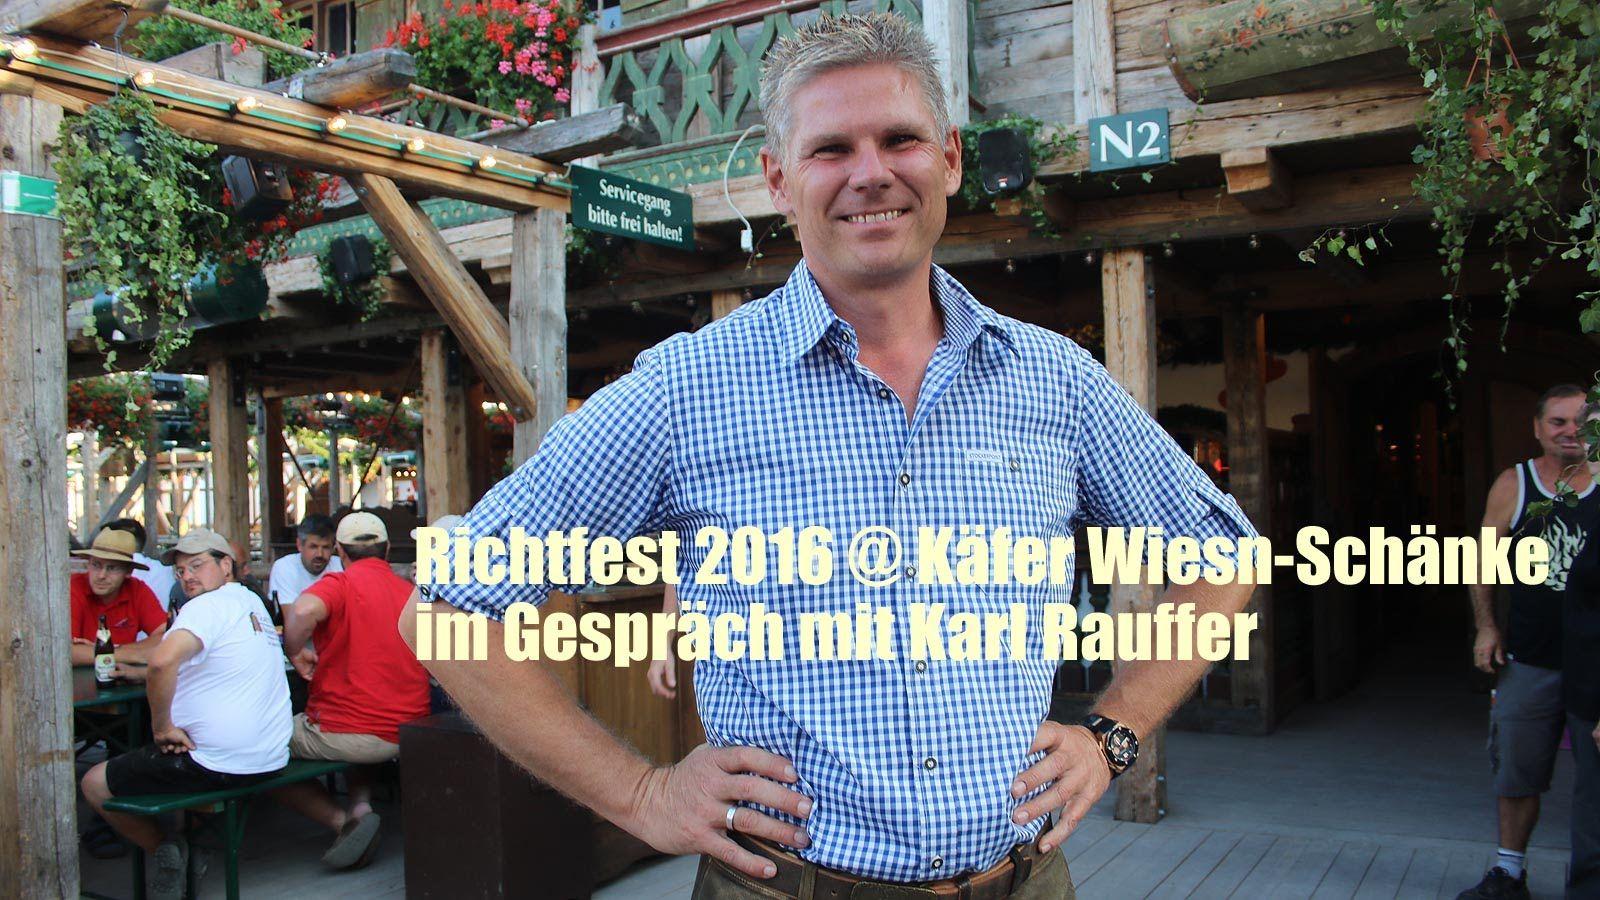 Käfer Wiesnschänke - Richtfest 2016 am 14.09.2016   Oktoberfest ...